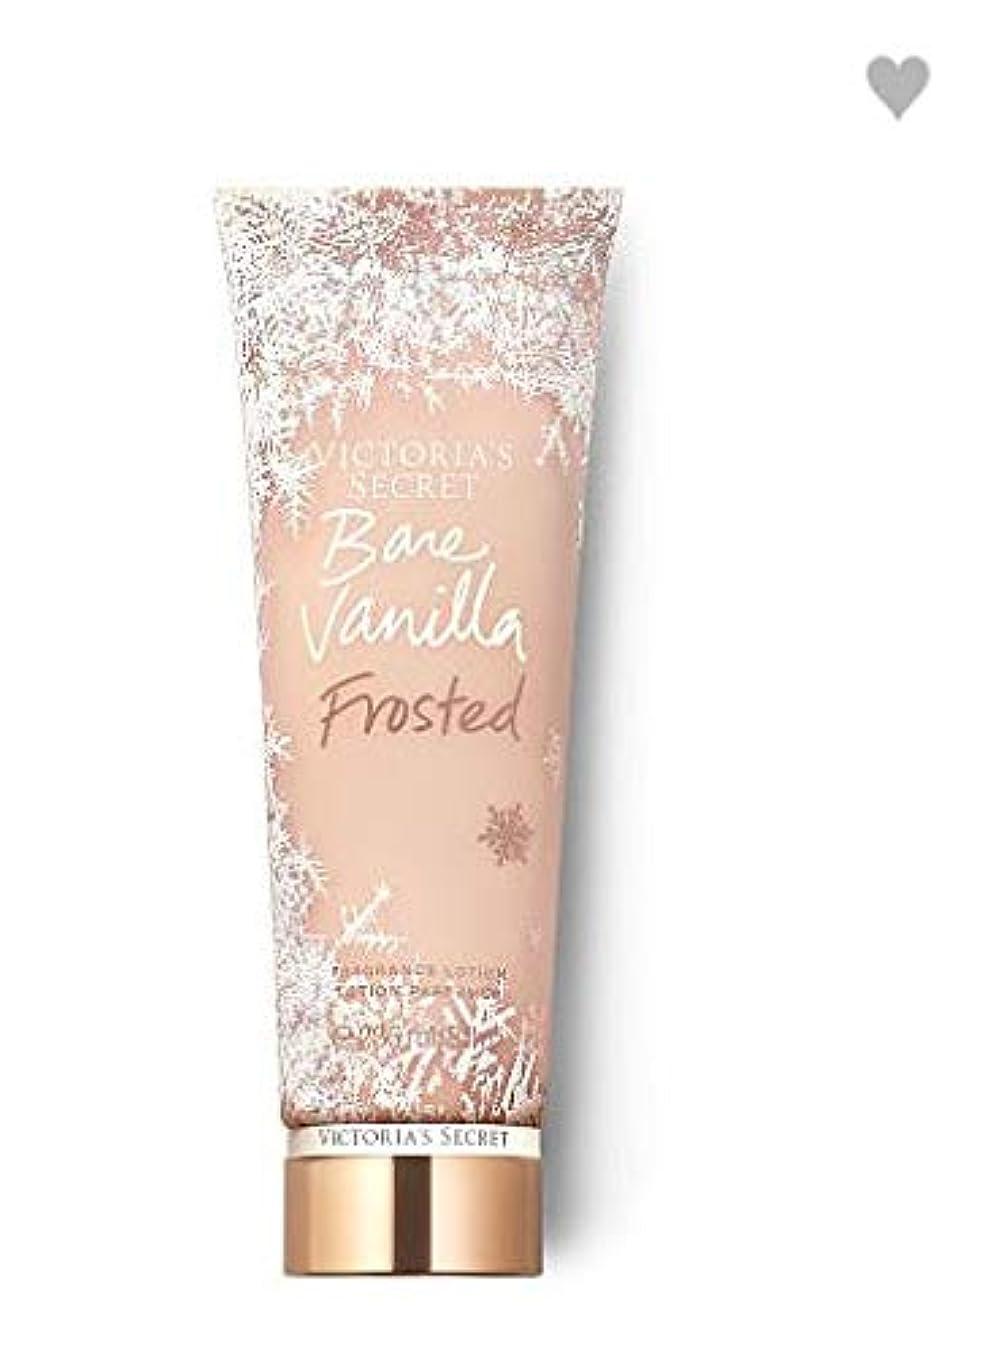 抑制する隠されたタイマーVICTORIA'S SECRET Frosted Fragrance Lotion Bare Vanilla